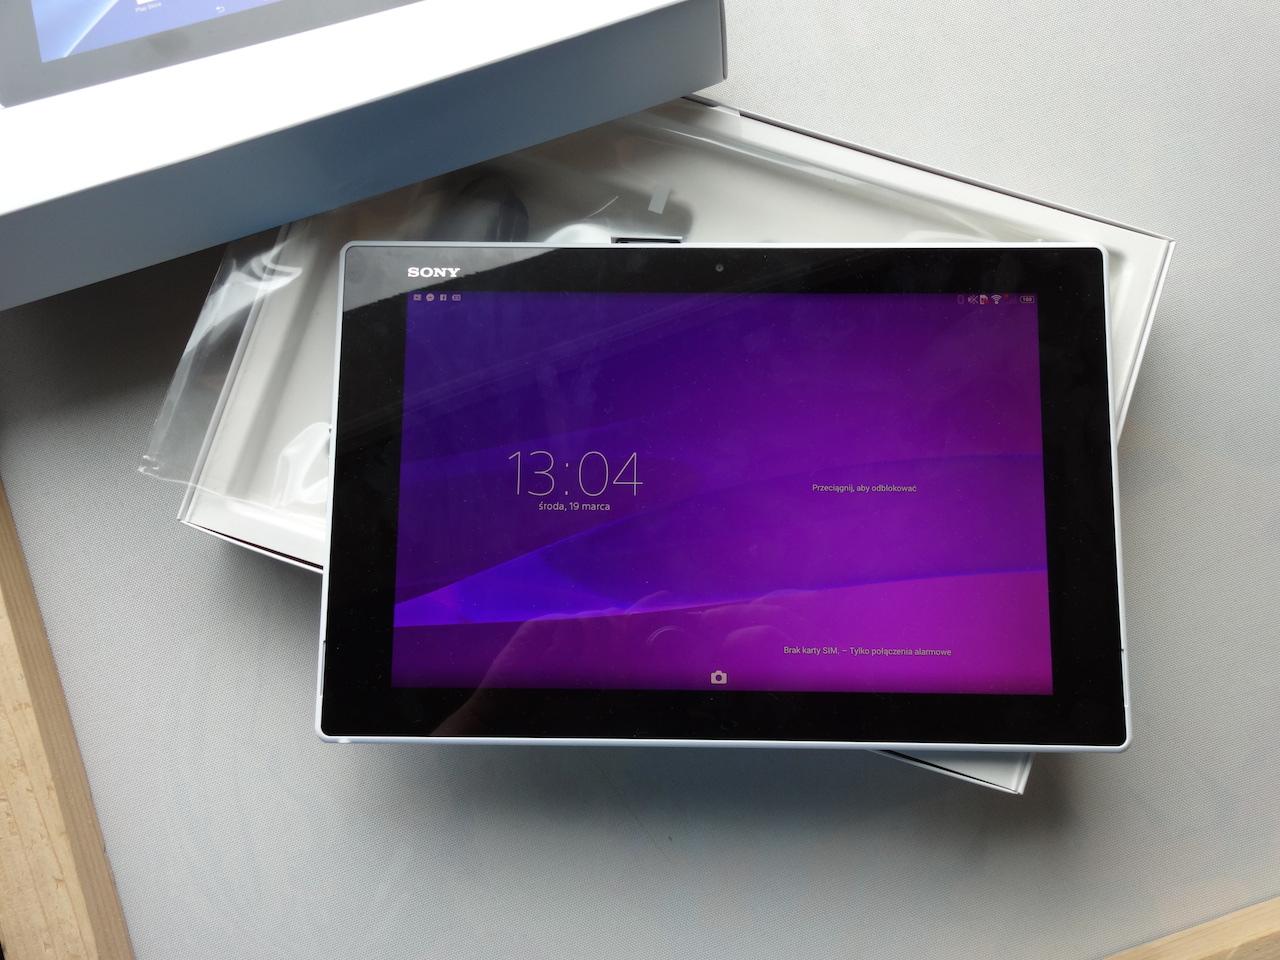 Smukłość i lekkość, czyli Sony Xperia Z2 Tablet – recenzja Spider's Web